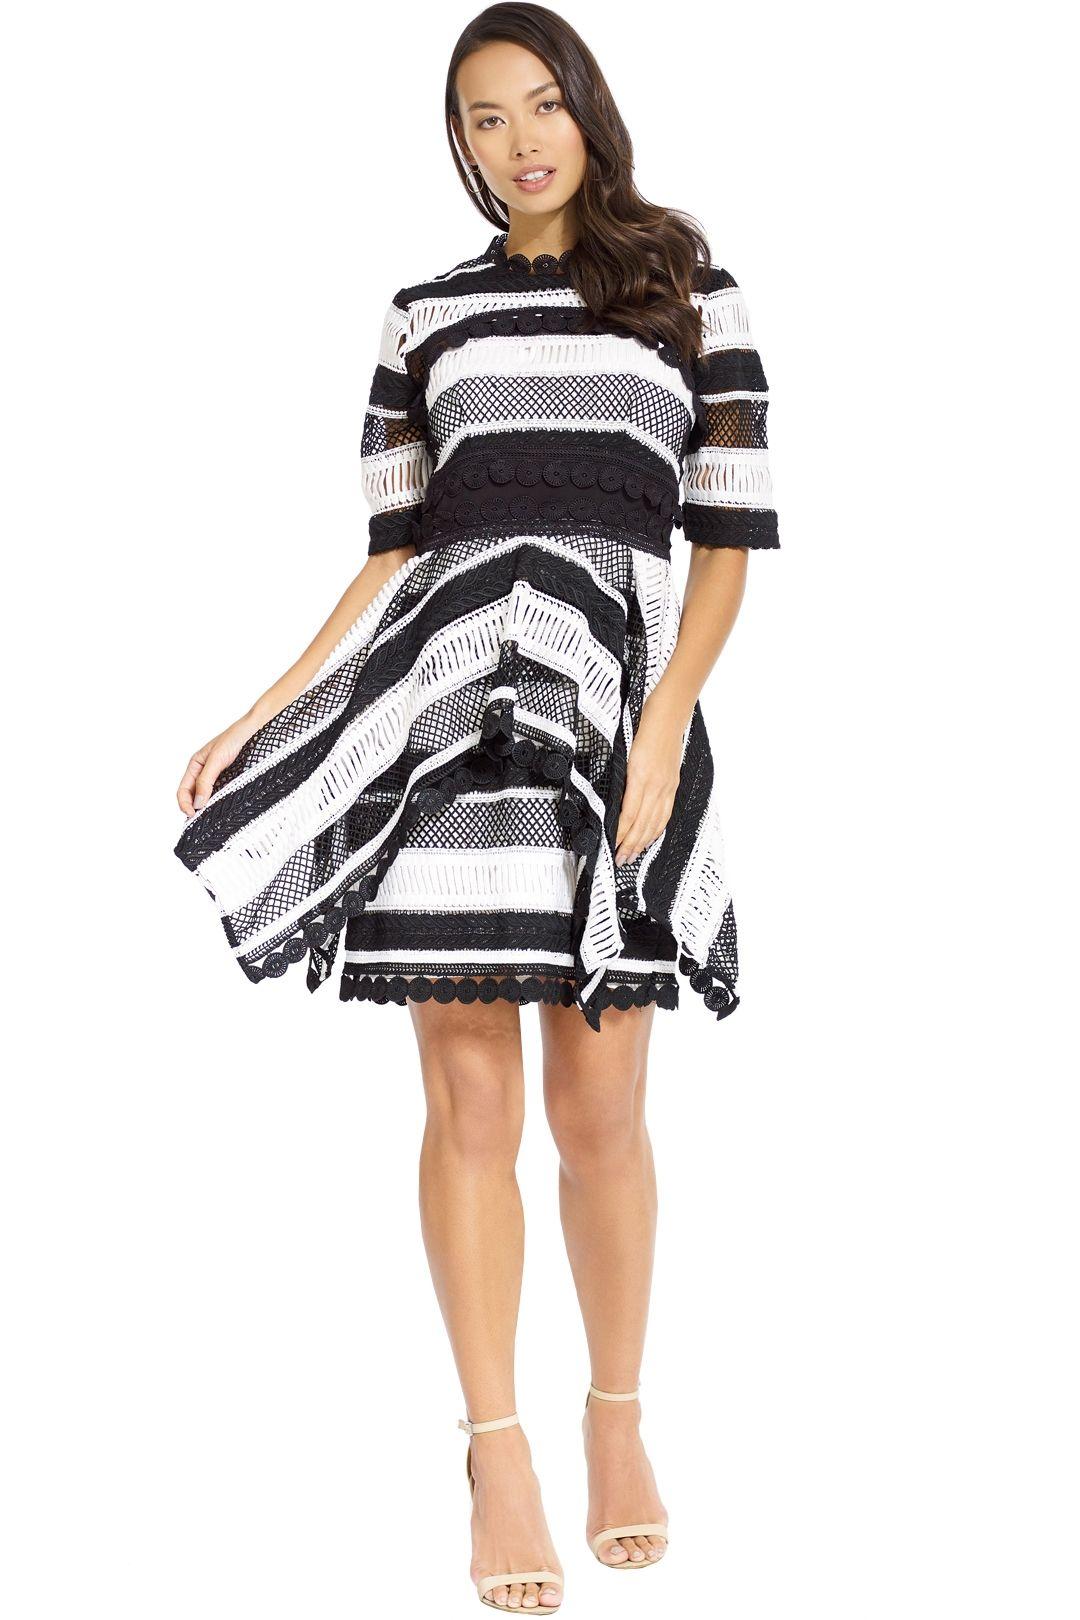 Thurley - Moonlight Mini Dress - Black White - Front